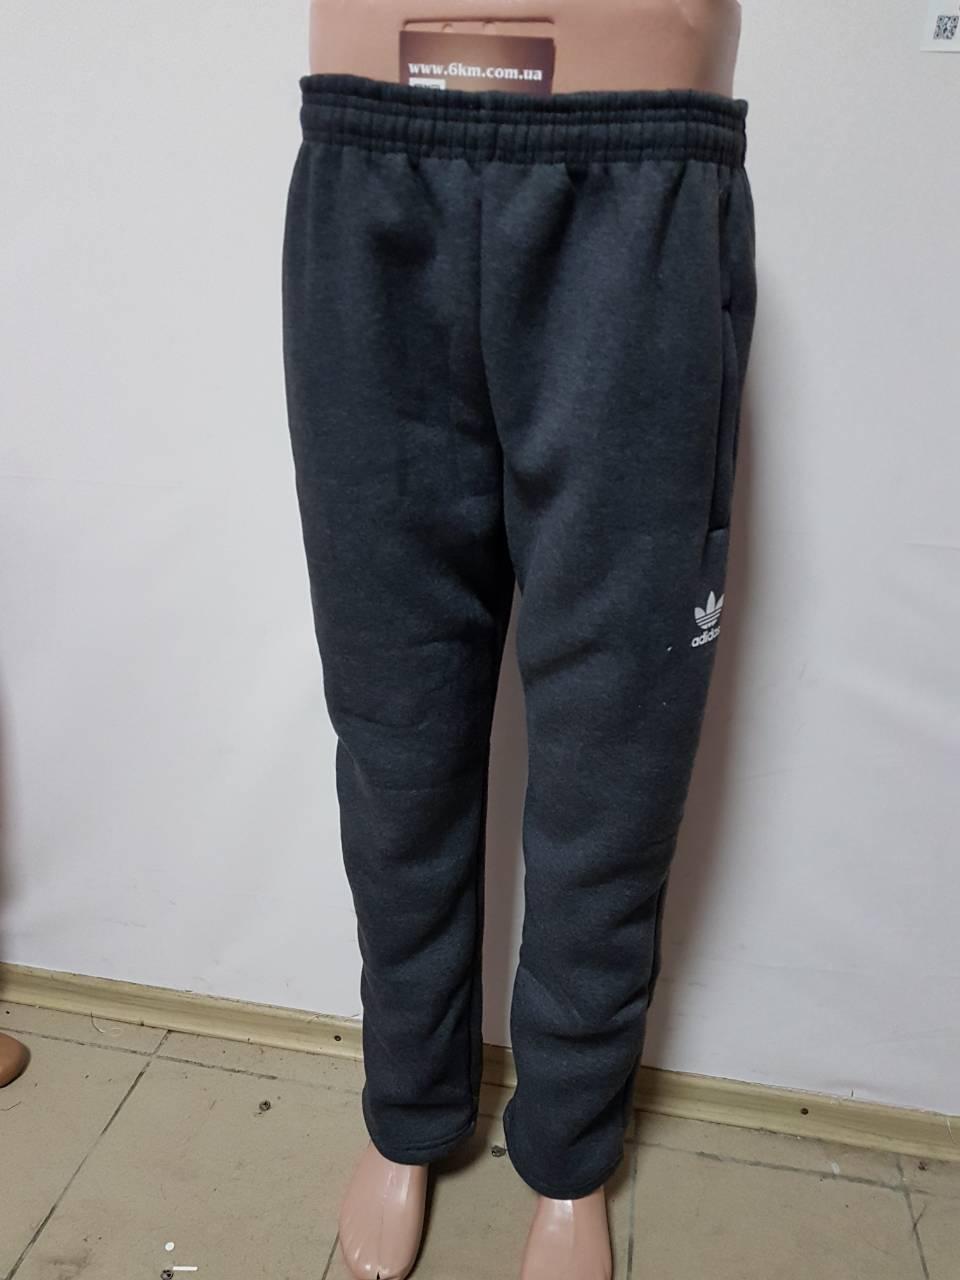 43bd9c748937 Мужские штаны на флисе серые Adidas Турция: продажа, цена в Одессе.  спортивные штаны ...